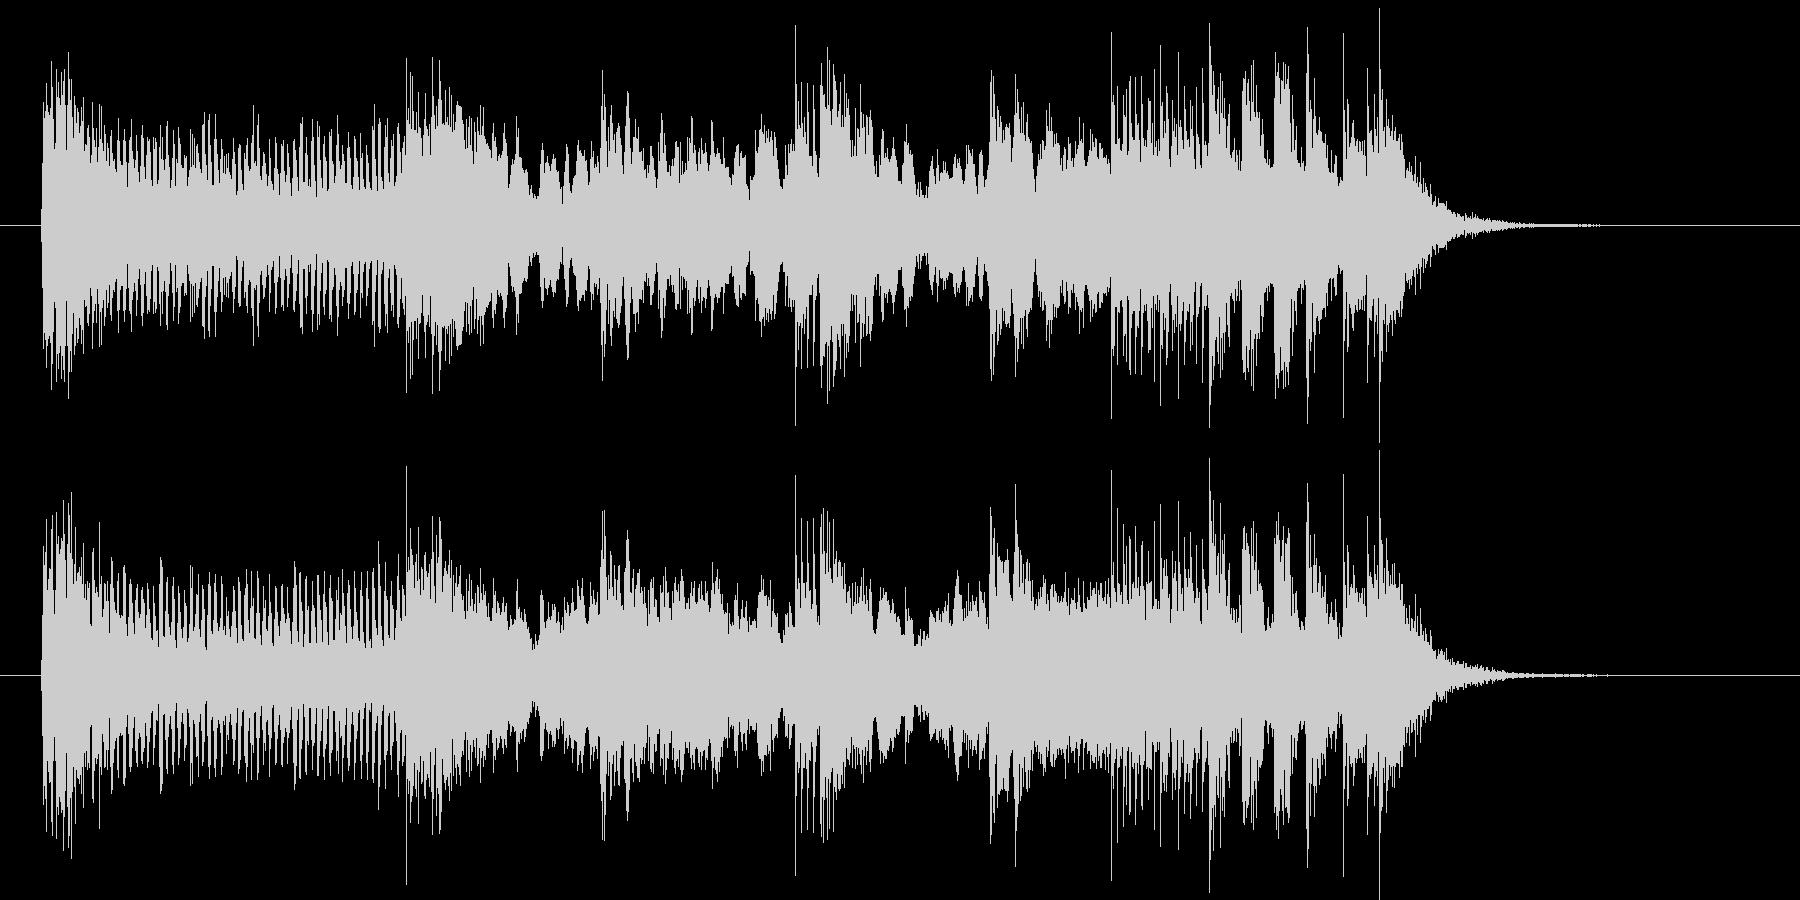 現代的なテクノとロックの融合の未再生の波形